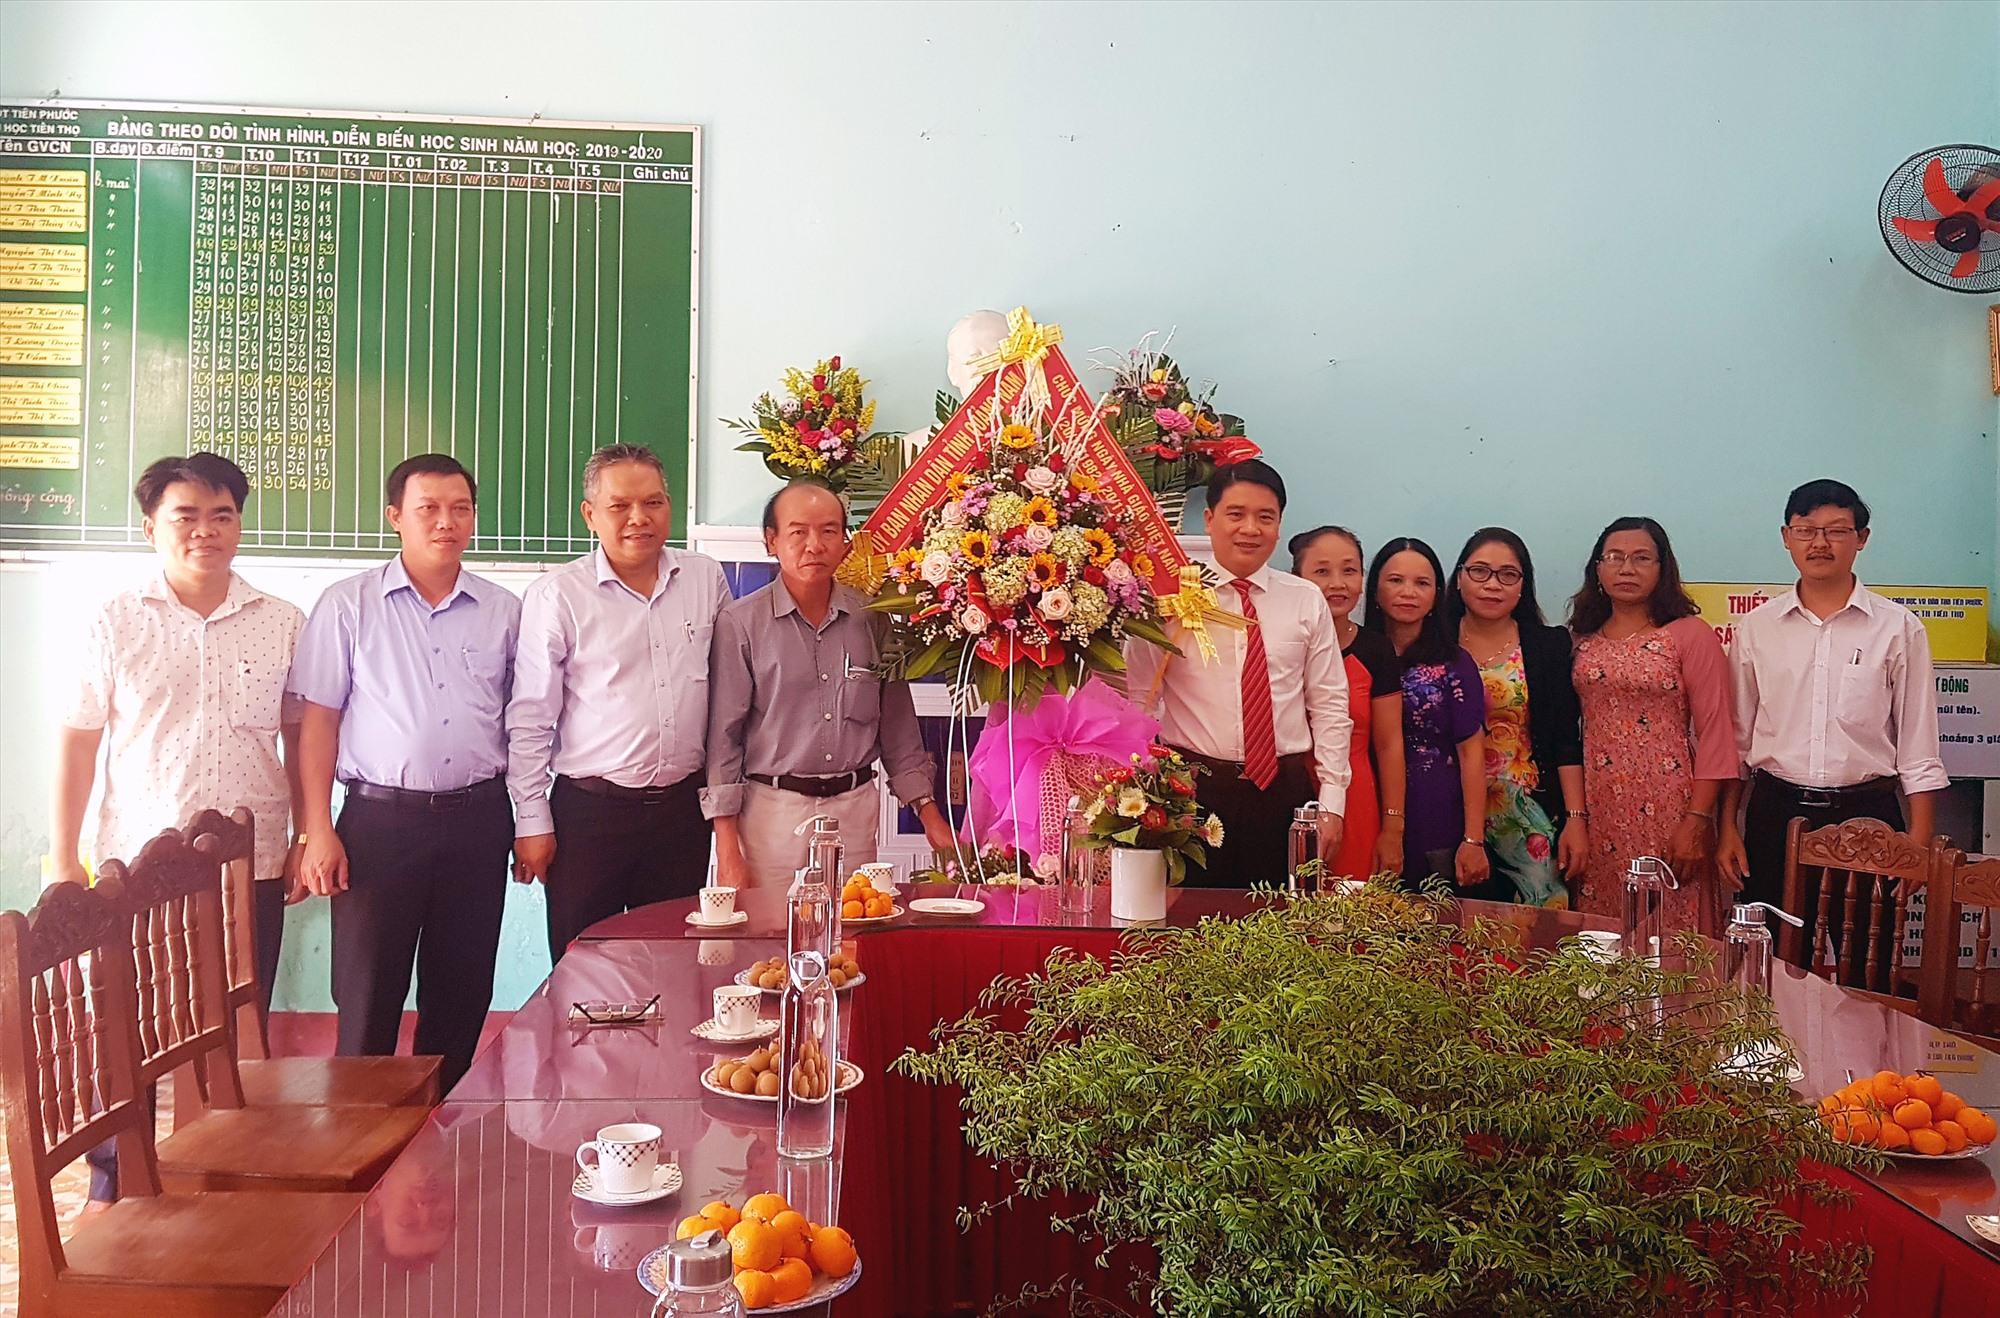 Lãnh đạo tỉnh tặng hoa chúc mừng cán bộ, tập thể Trường Tiểu học Tiên Thọ (huyện Tiên Phước). Ảnh: D.LỆ